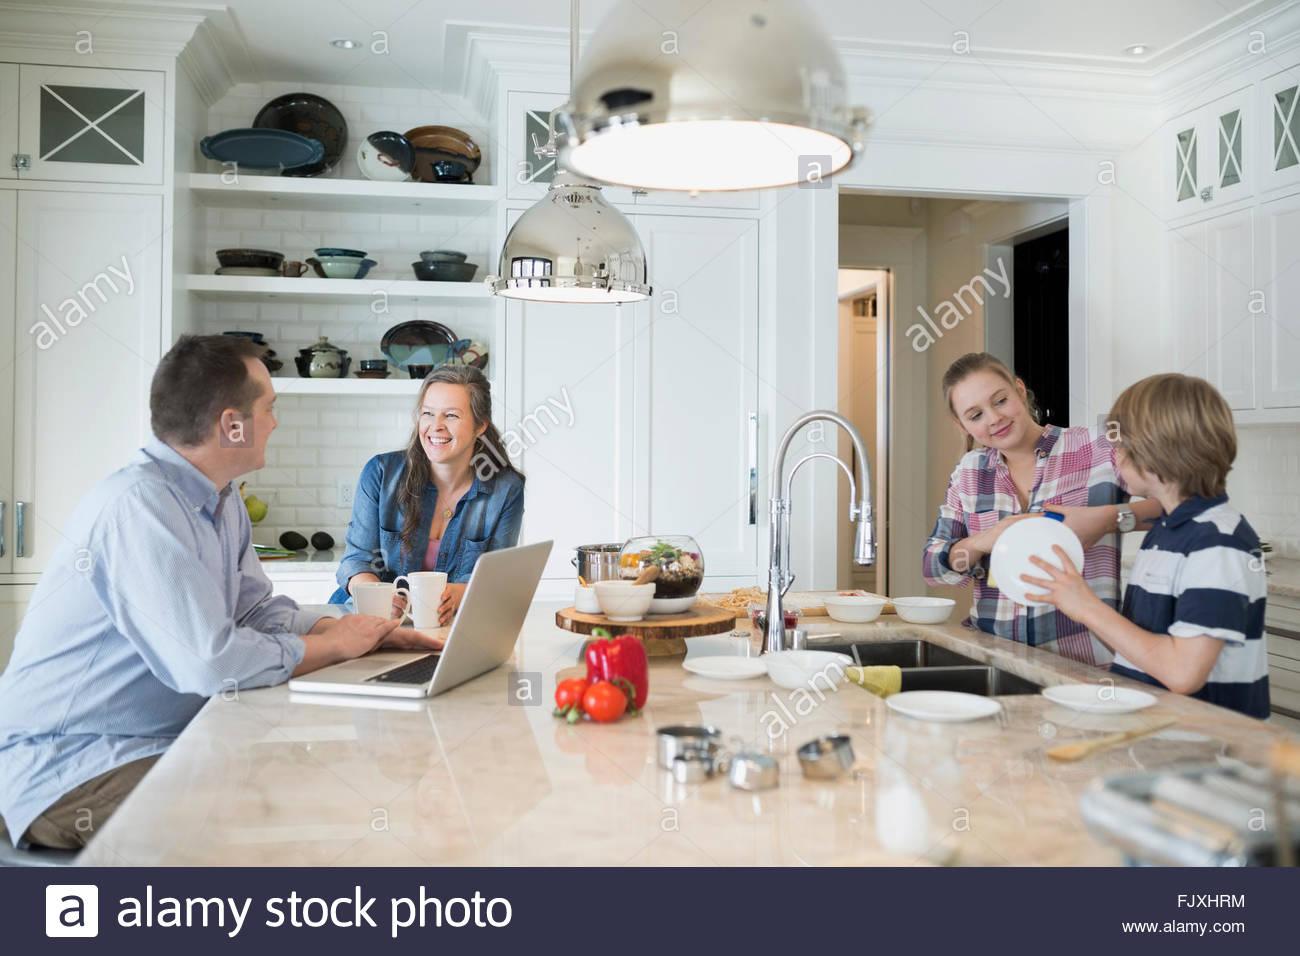 Fratello e Sorella di fare piatti mentre i genitori parlare Immagini Stock